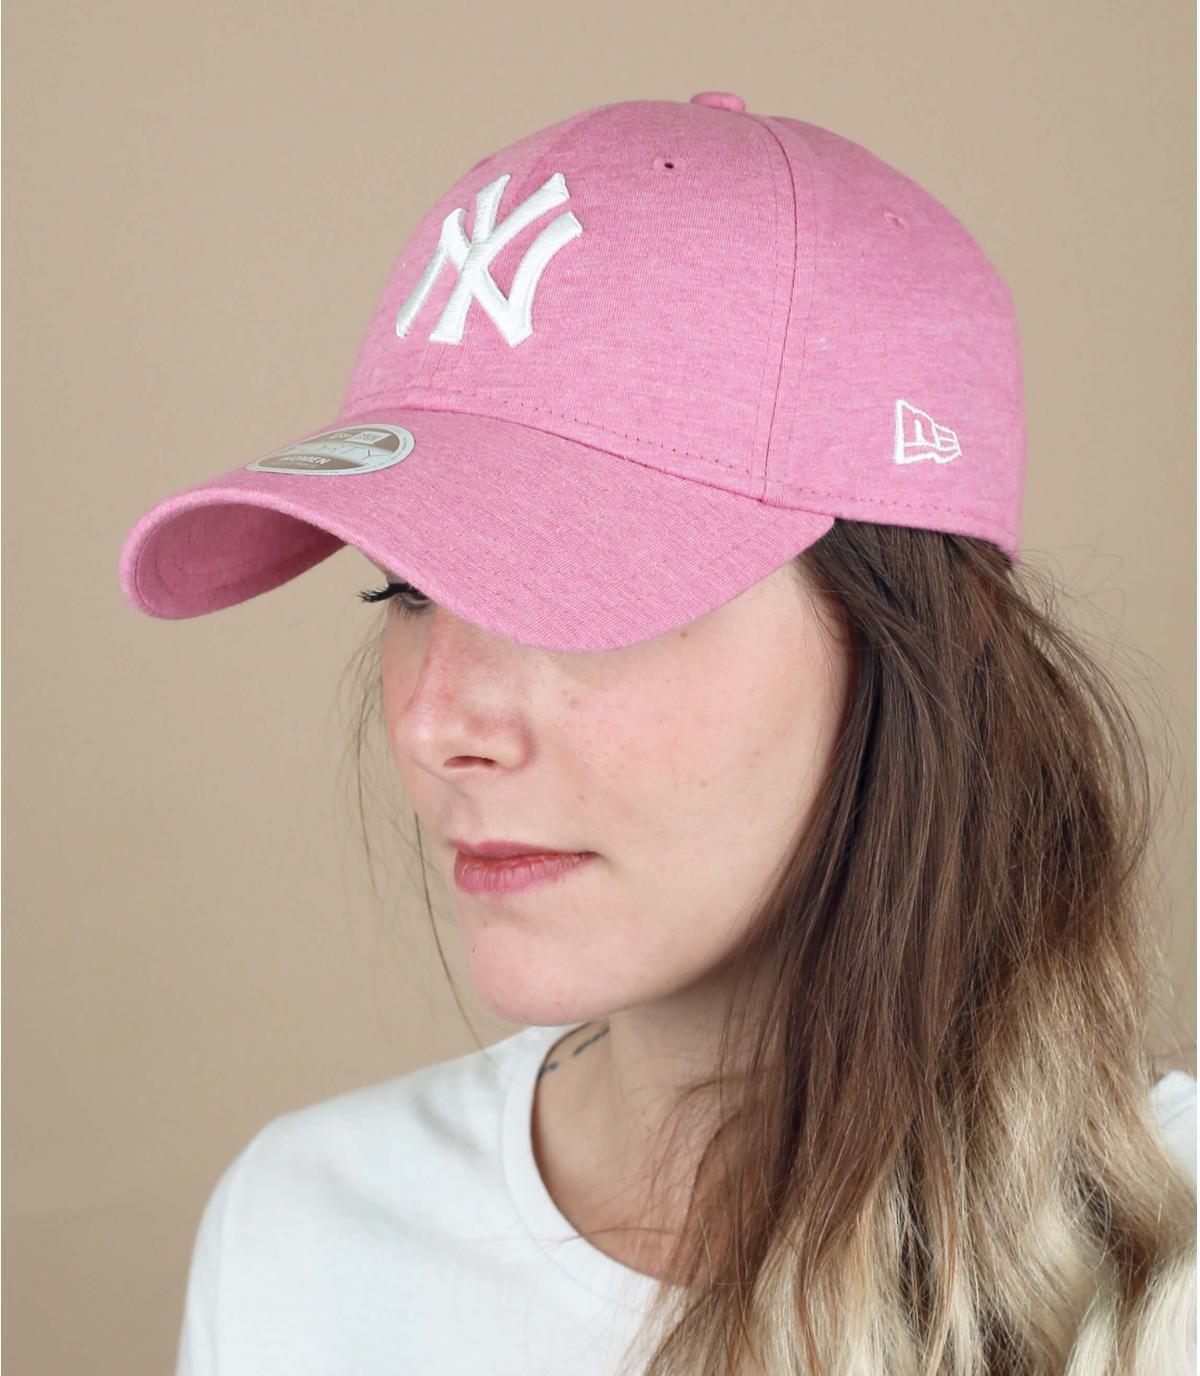 gorra NY mujer rosa